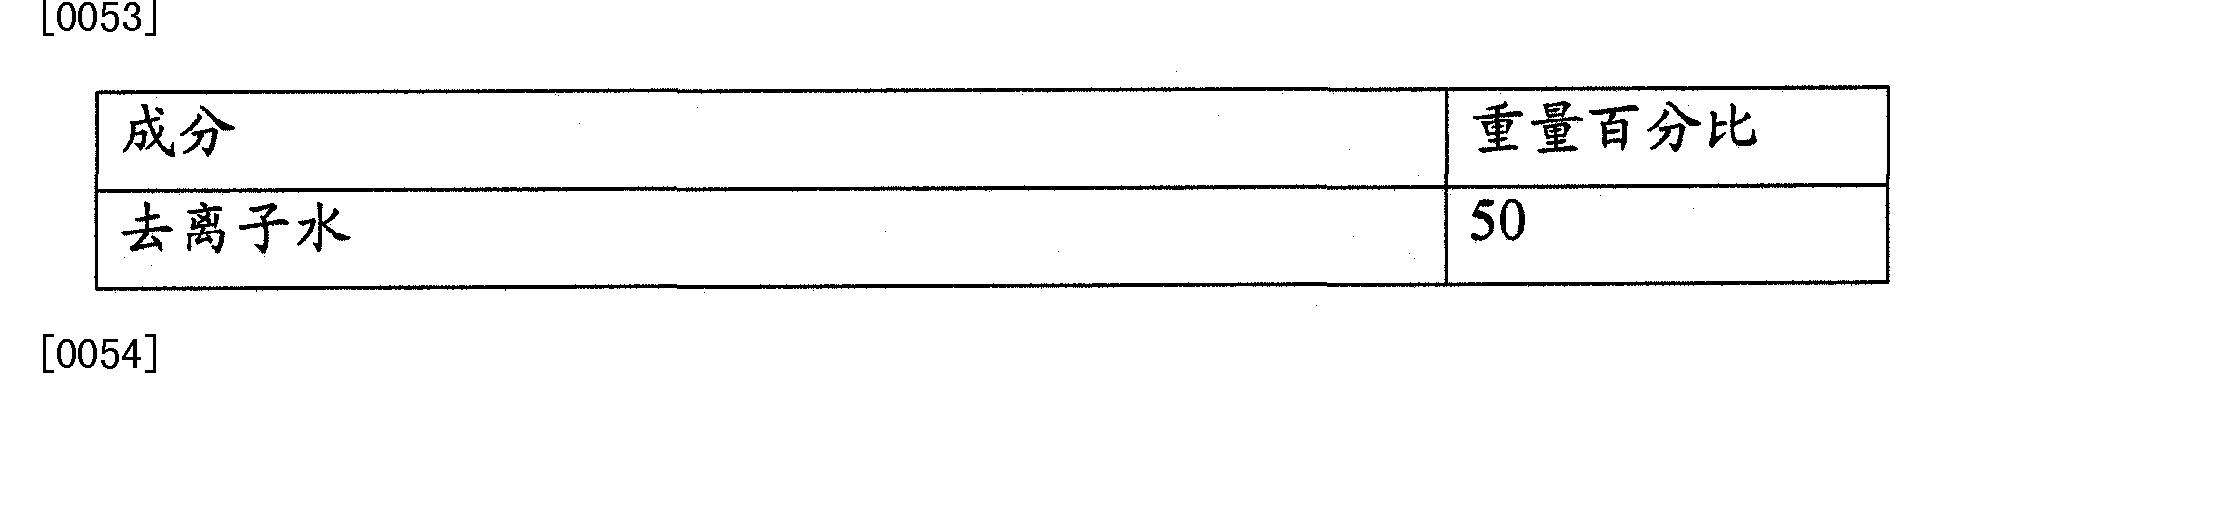 Figure CN102341161BD00091